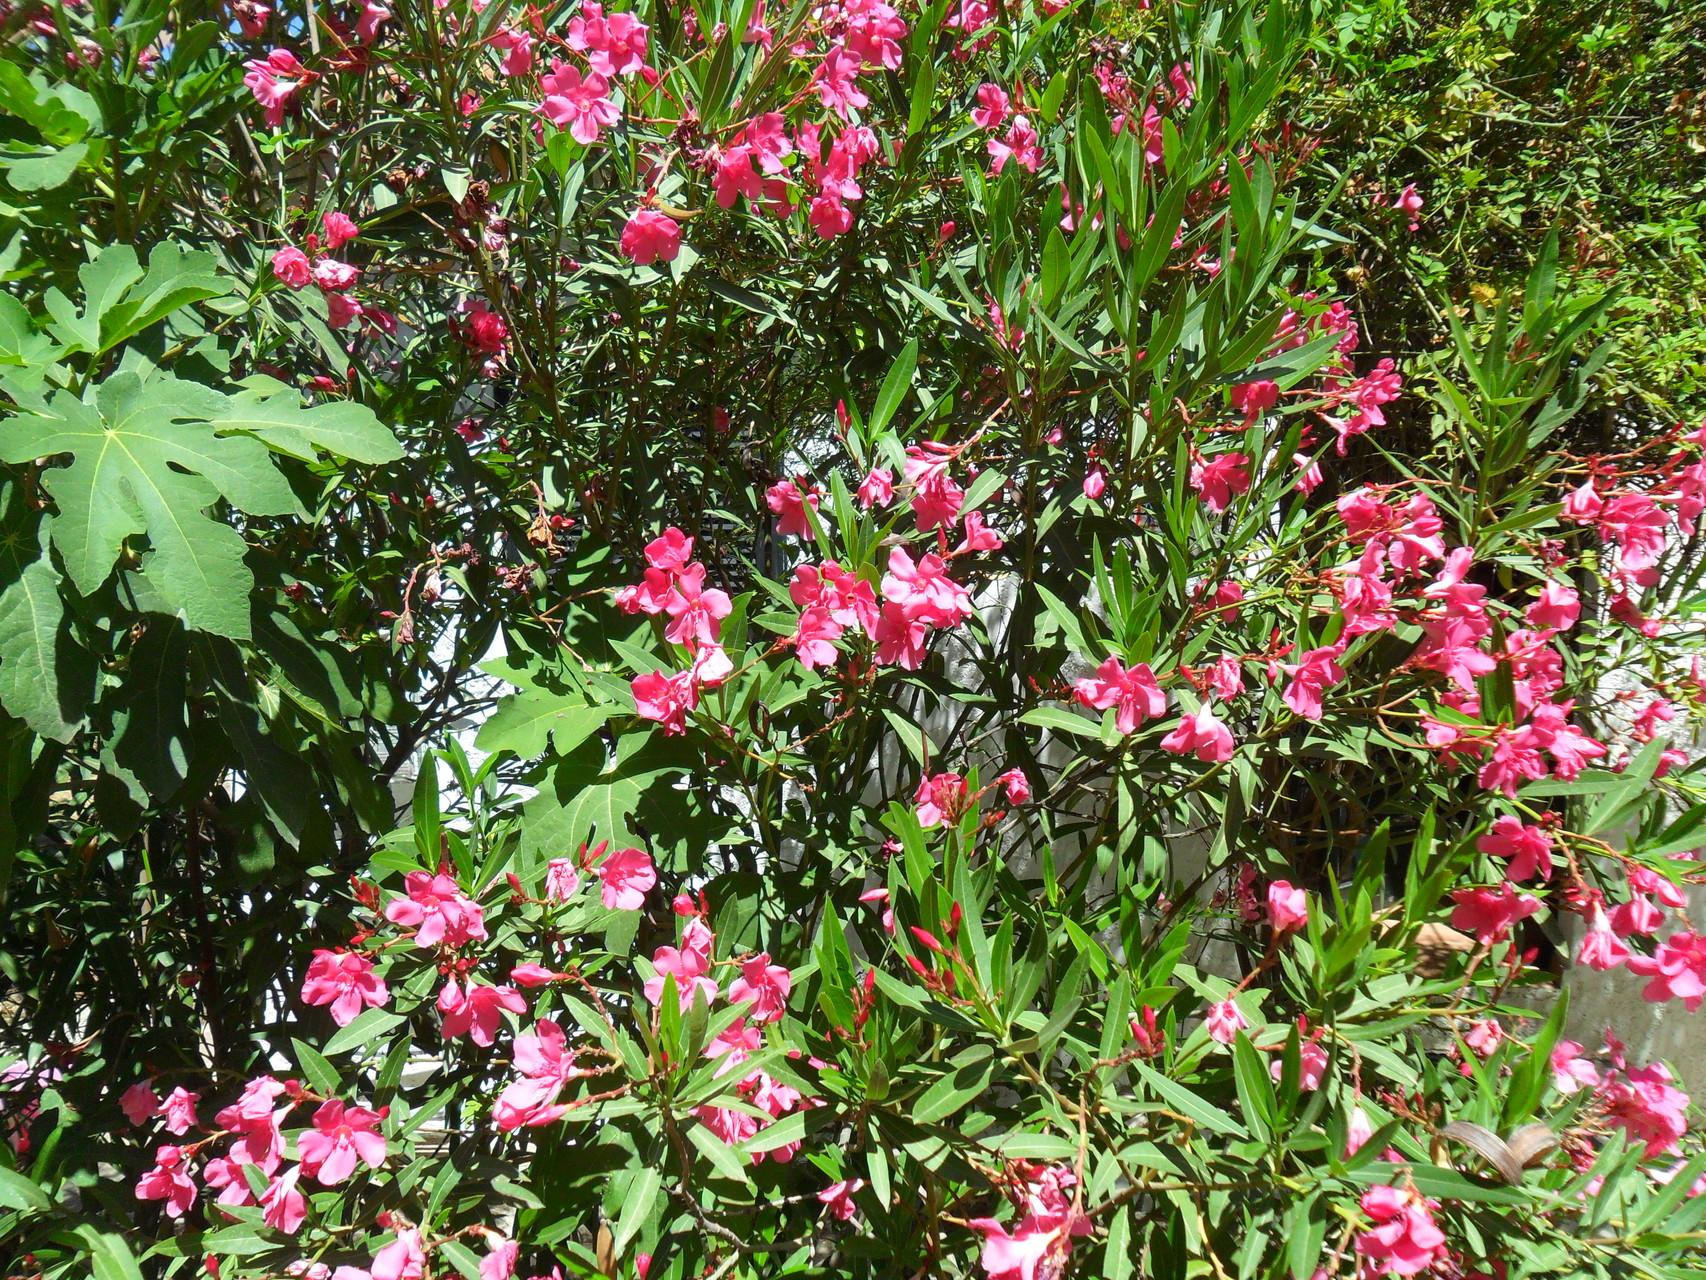 Oleanderblüte im Hausgarten